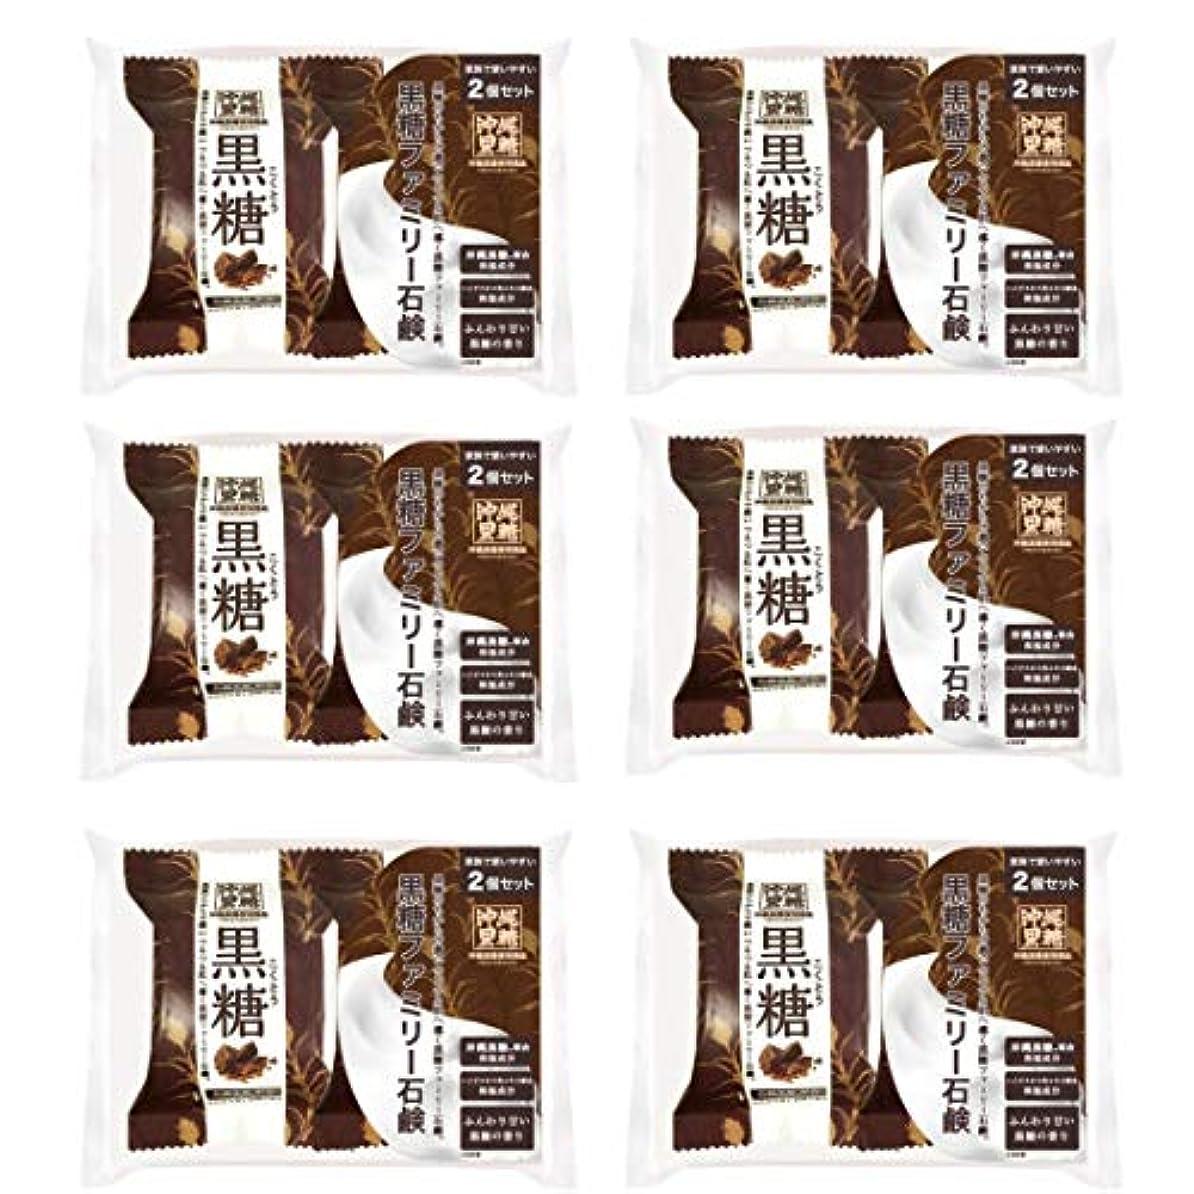 叫ぶガウン規定【6個セット】ペリカン石鹸 ファミリー黒糖石鹸 80g×2個